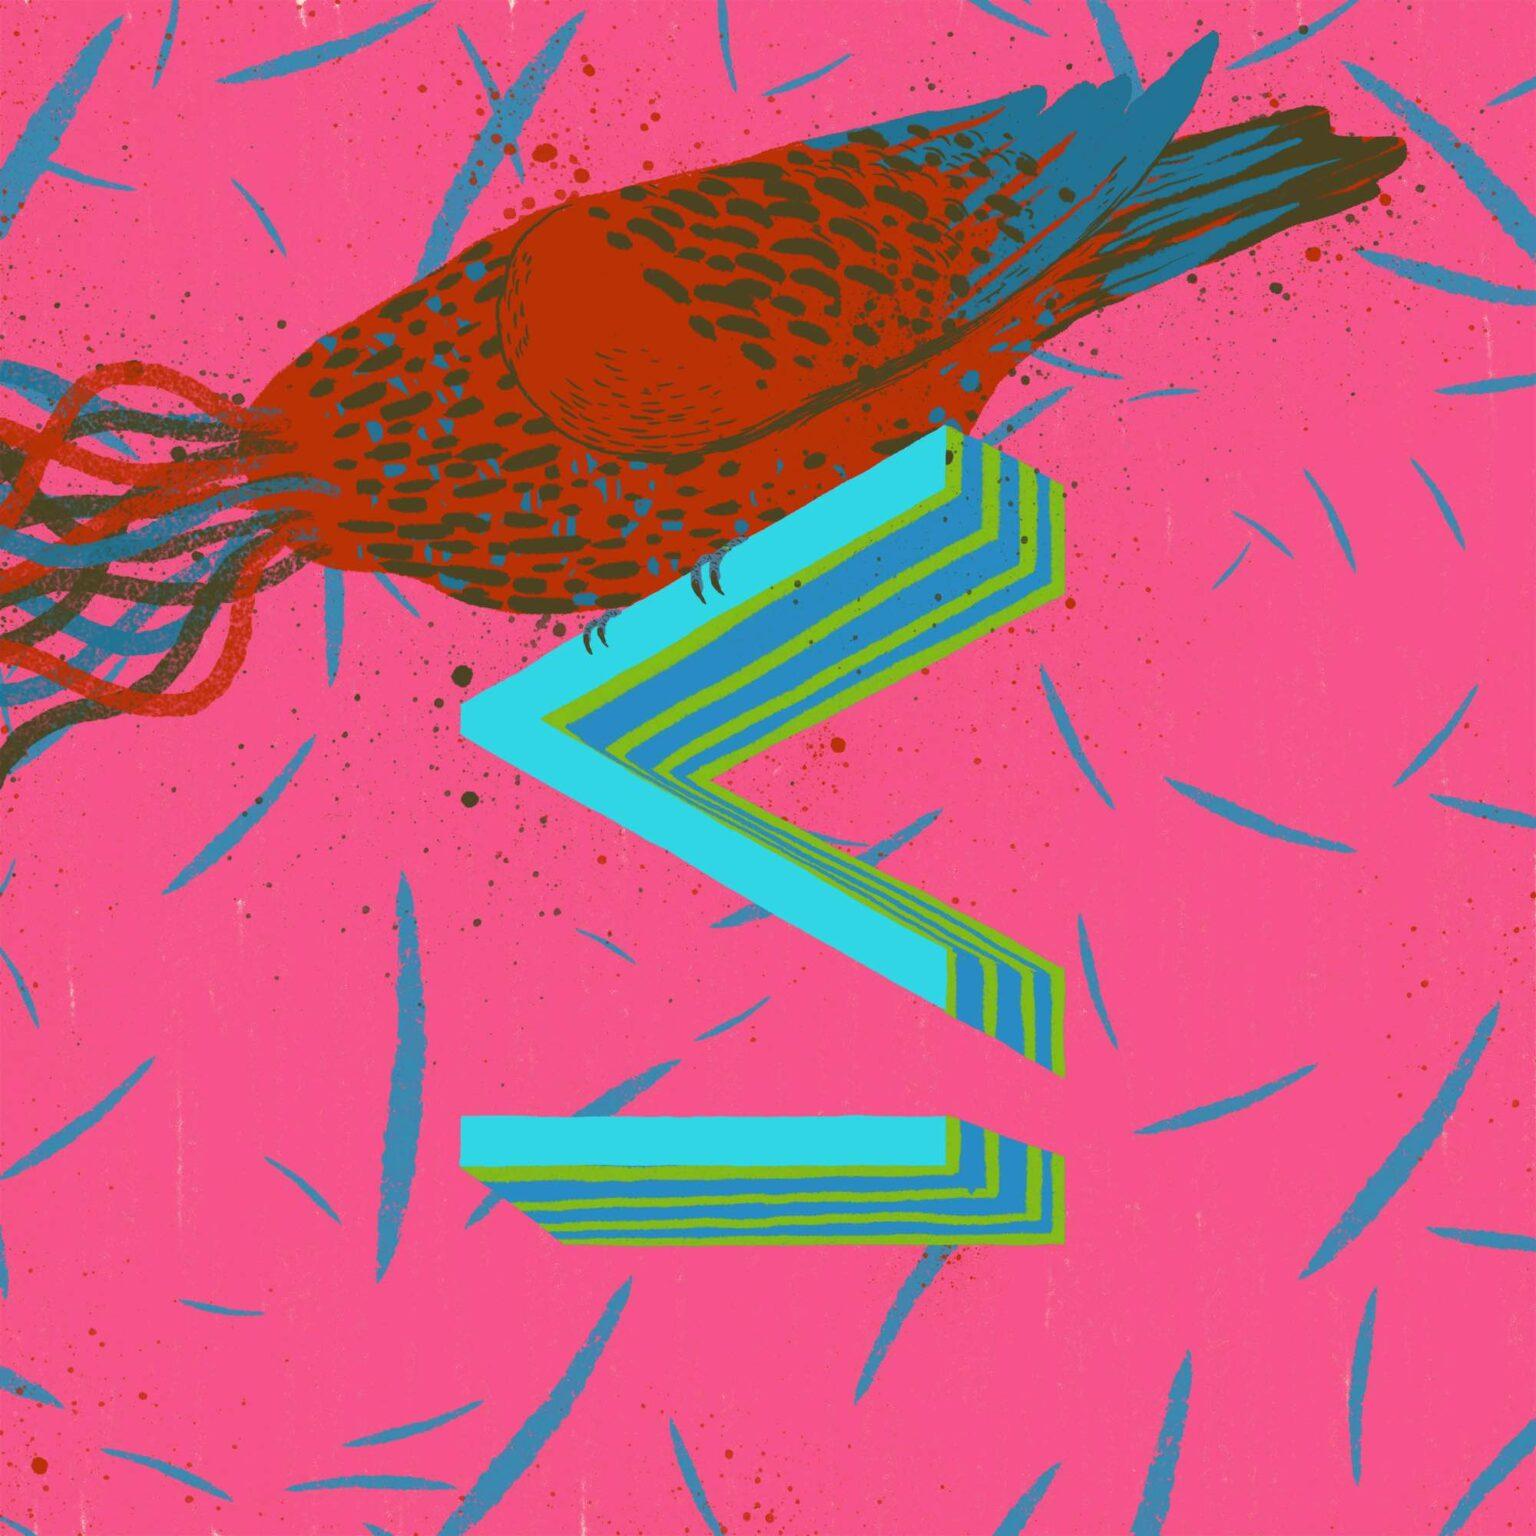 ATC Artist Series Zansky Letter Symbols